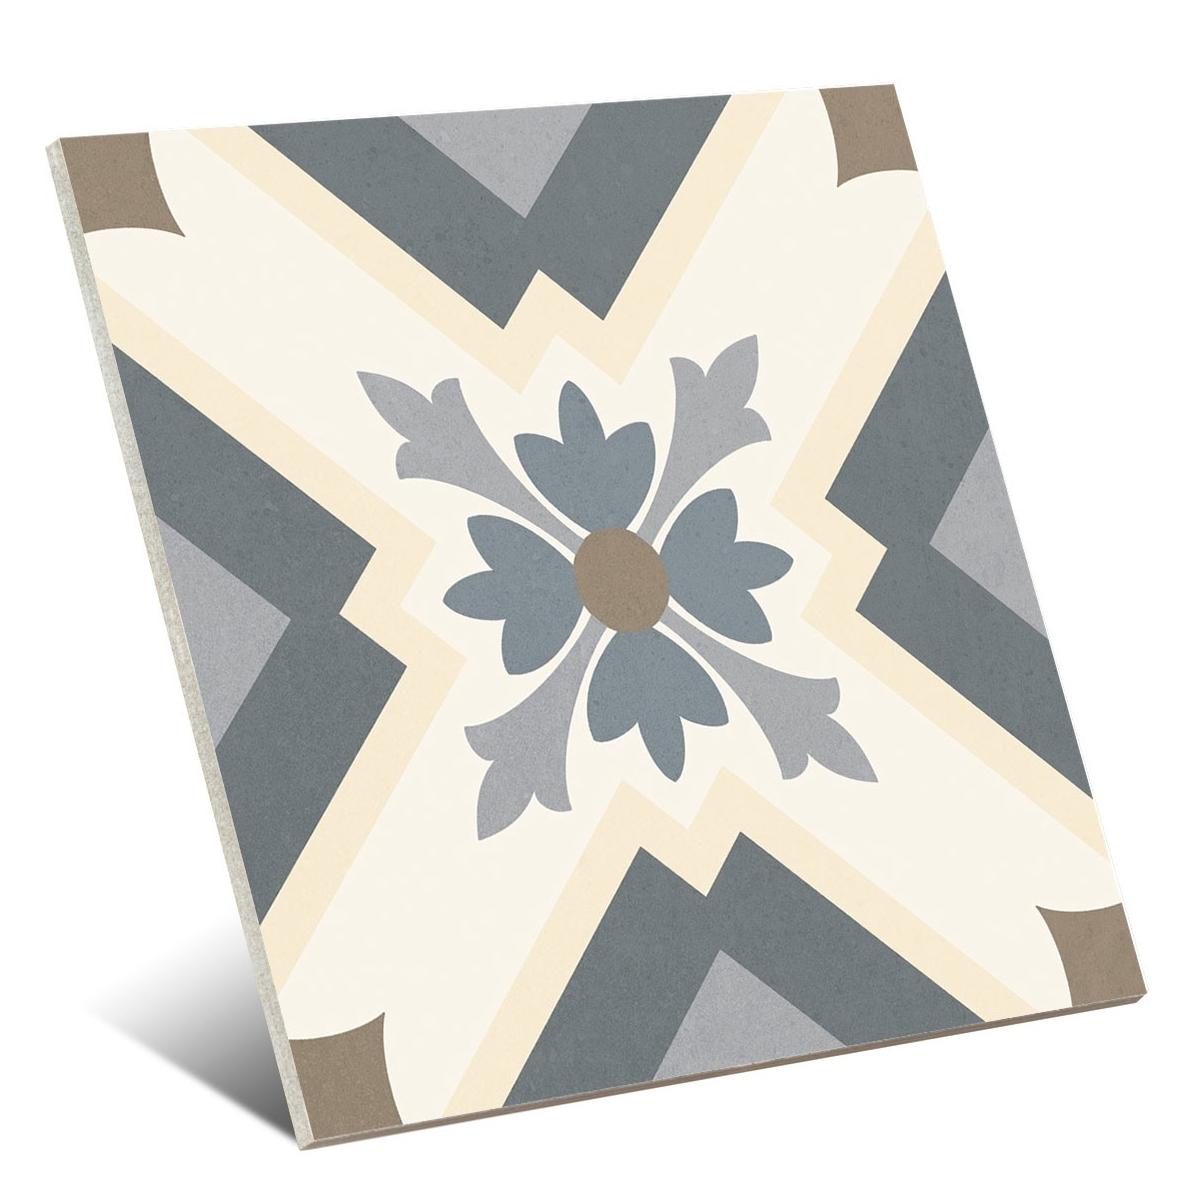 Taco Heritage Grey 16,5x16,5 (Caja de 0,55 m2) - Colección Heritage de Gaya Fores - Marca Gaya Fores S.L.